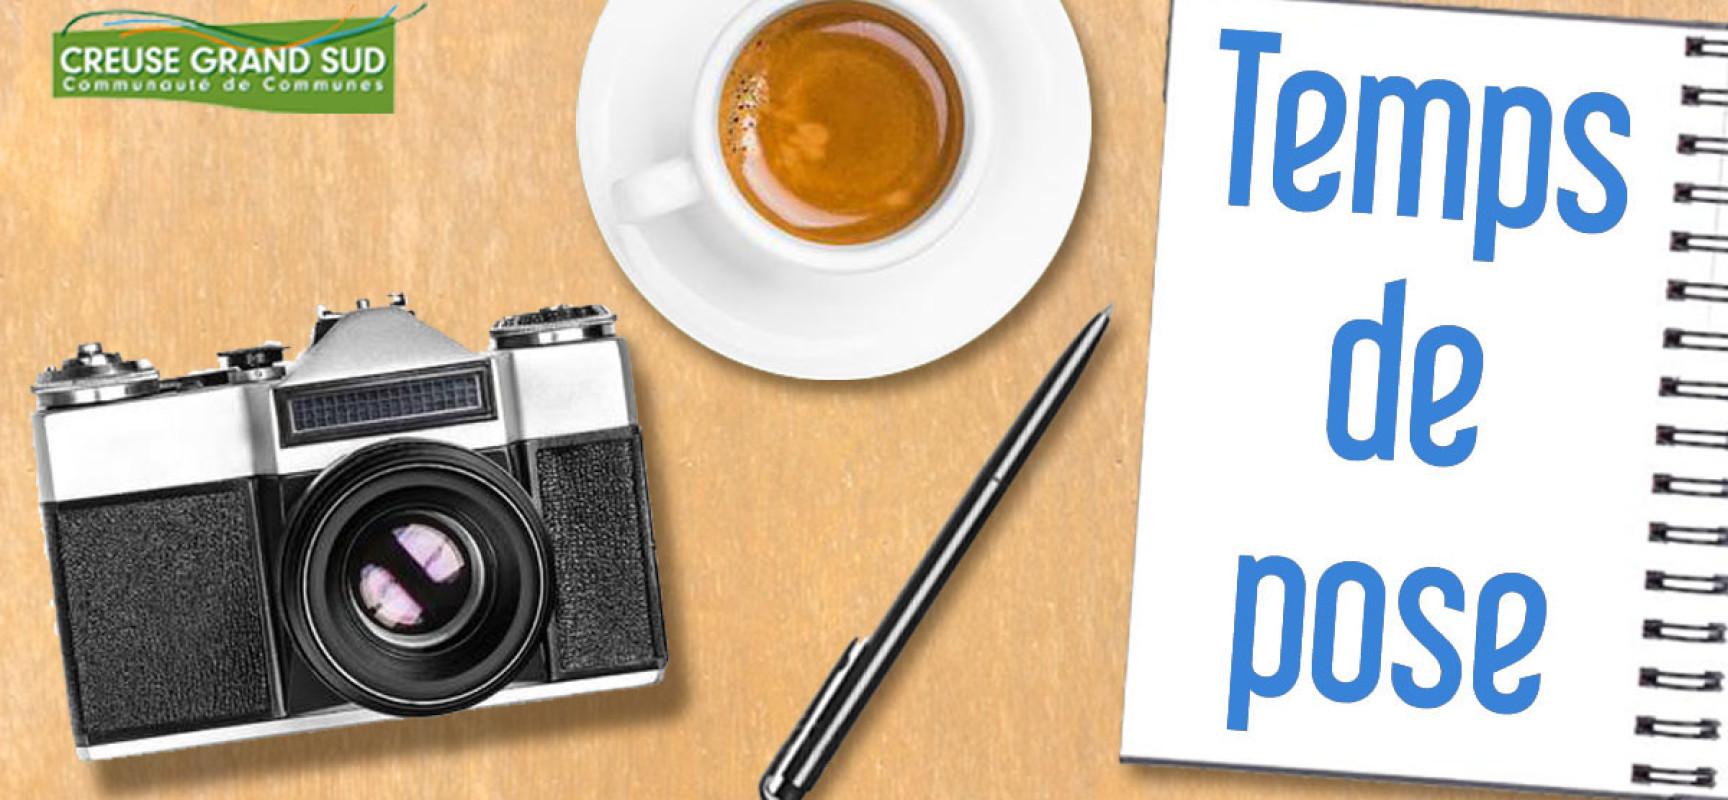 «Temps de pose» – Explorez vos talents de photographe et participez à un petit jeu d'écriture